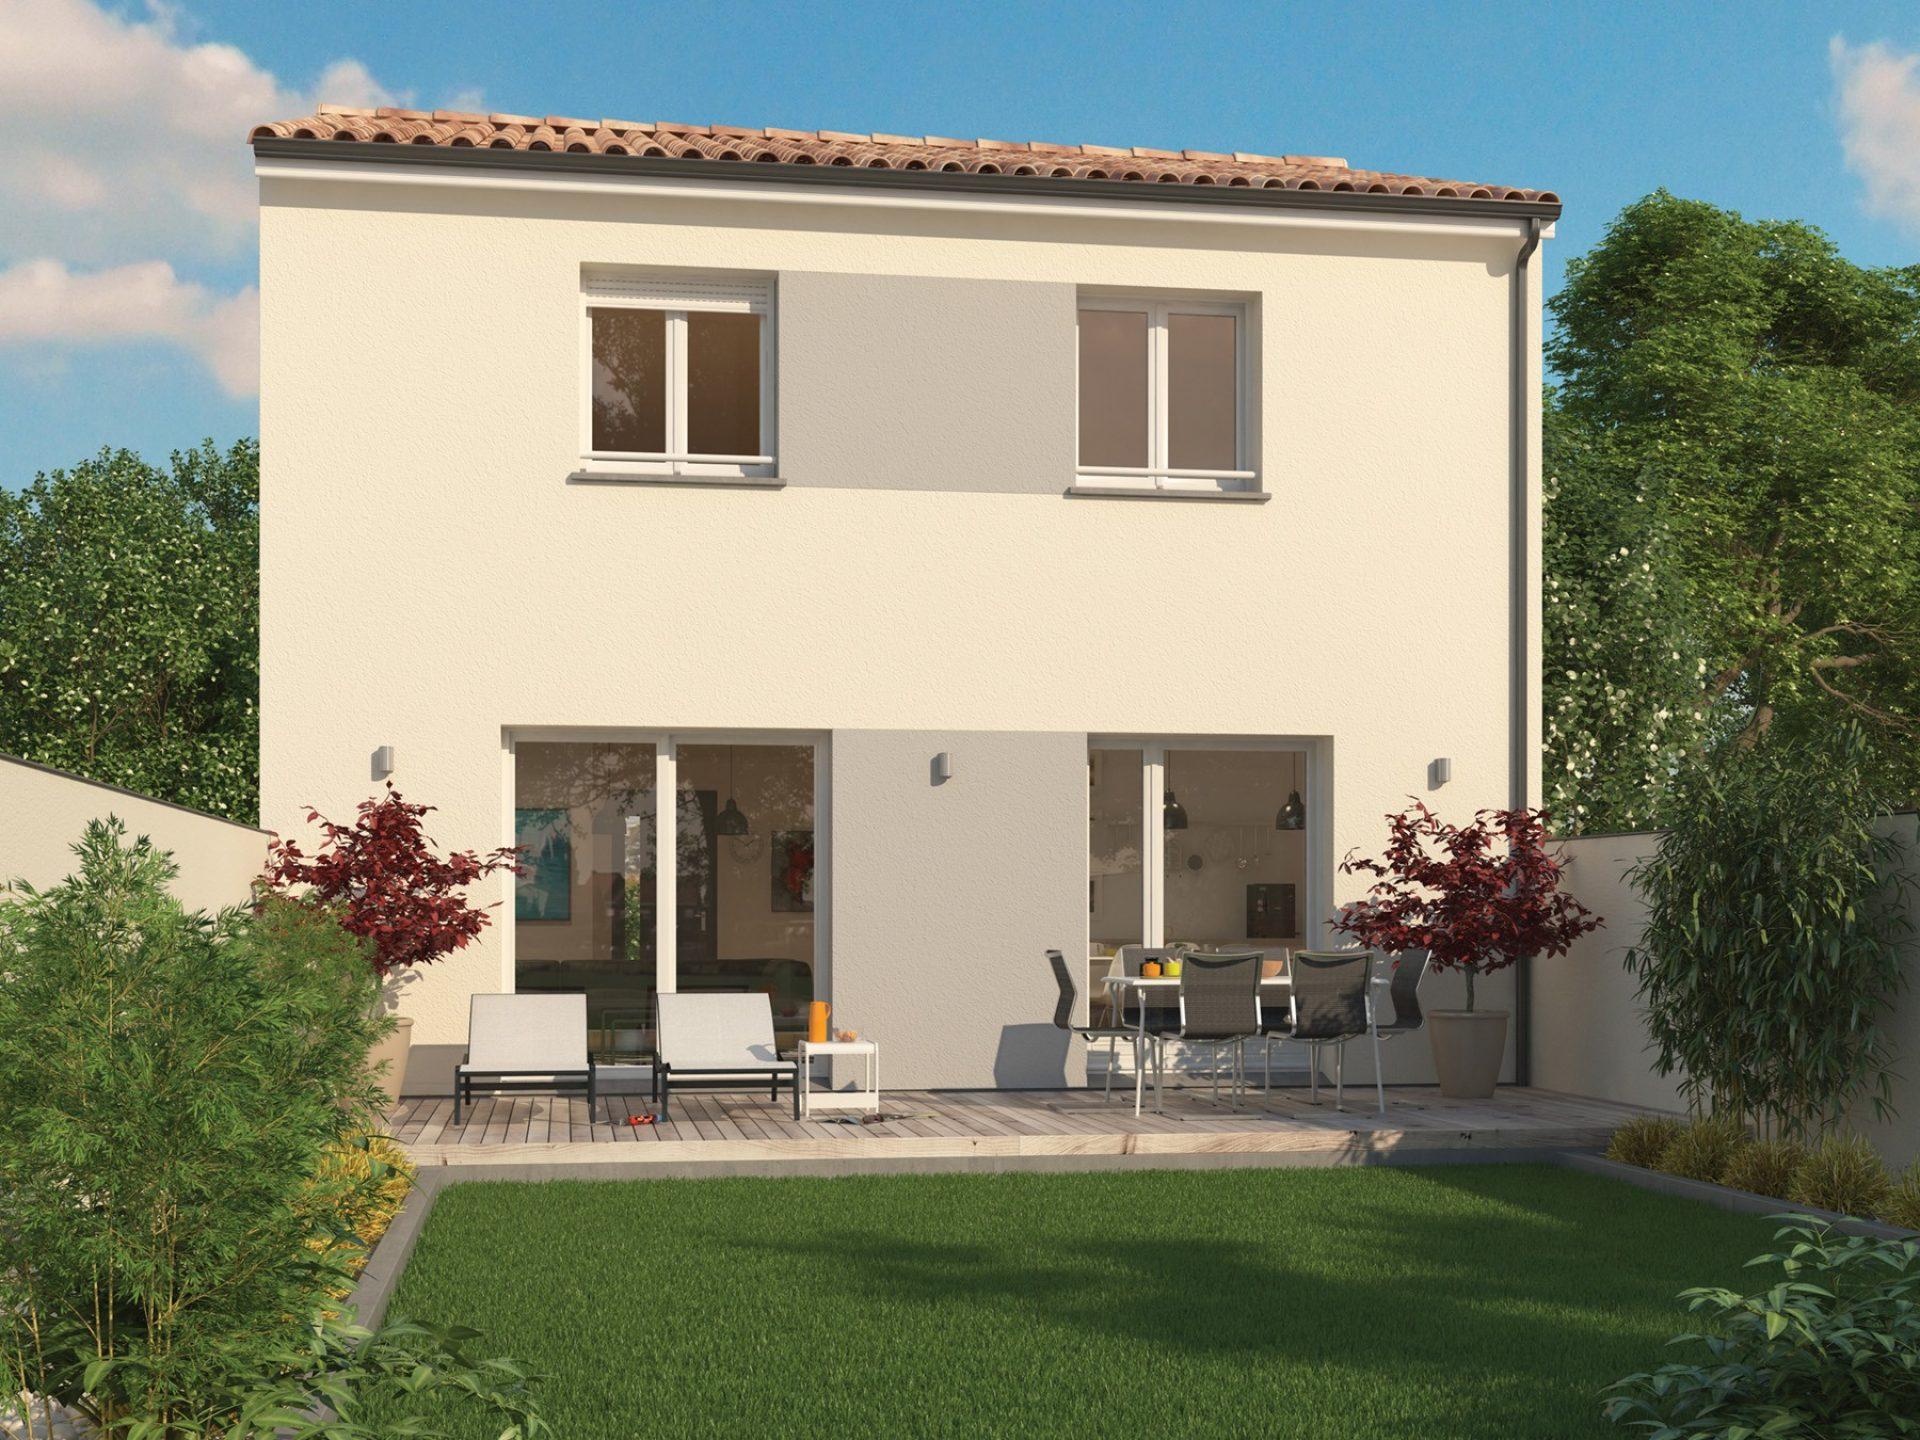 La maison Kuboa Investisseur | 90 m² | 3 chambres